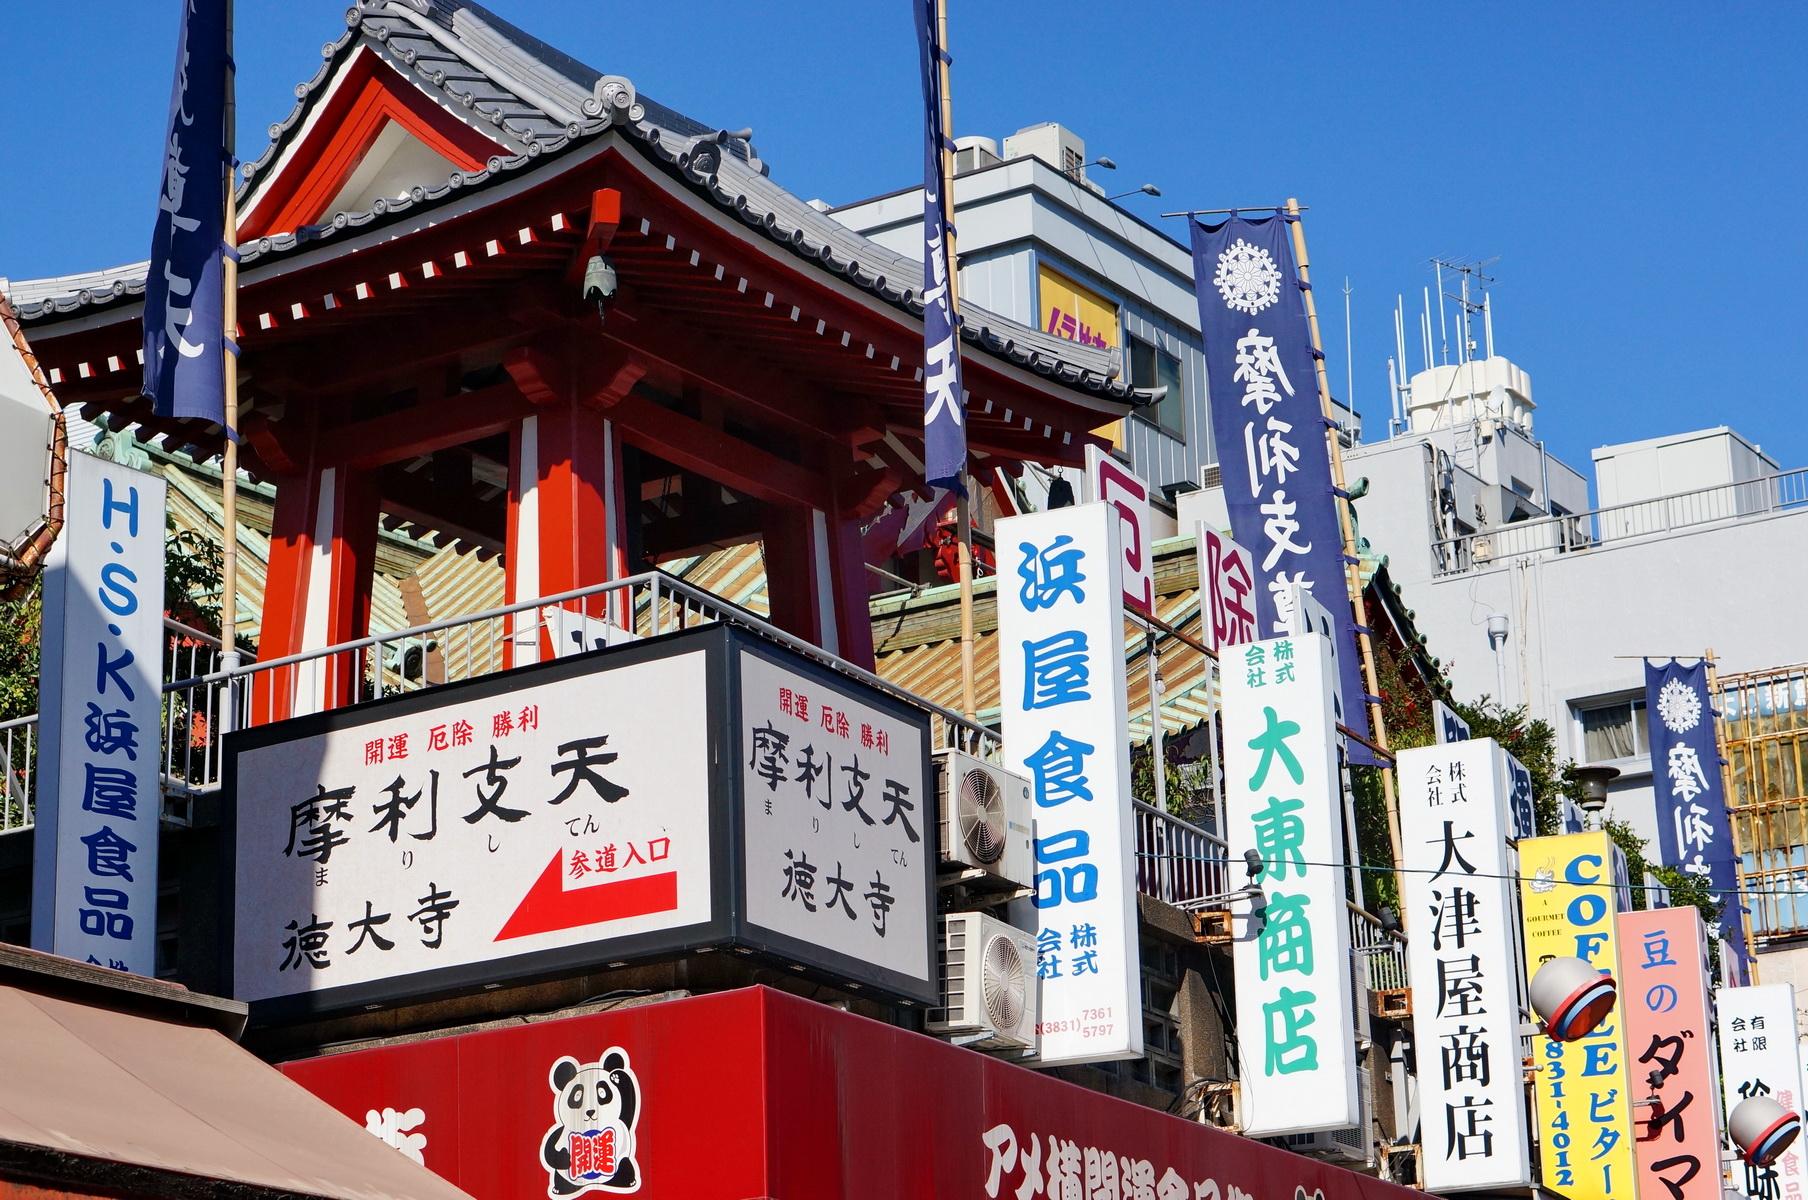 ameyoko, ueno, tokyo city guide, marché ameyoko, ueno market, marché ueno